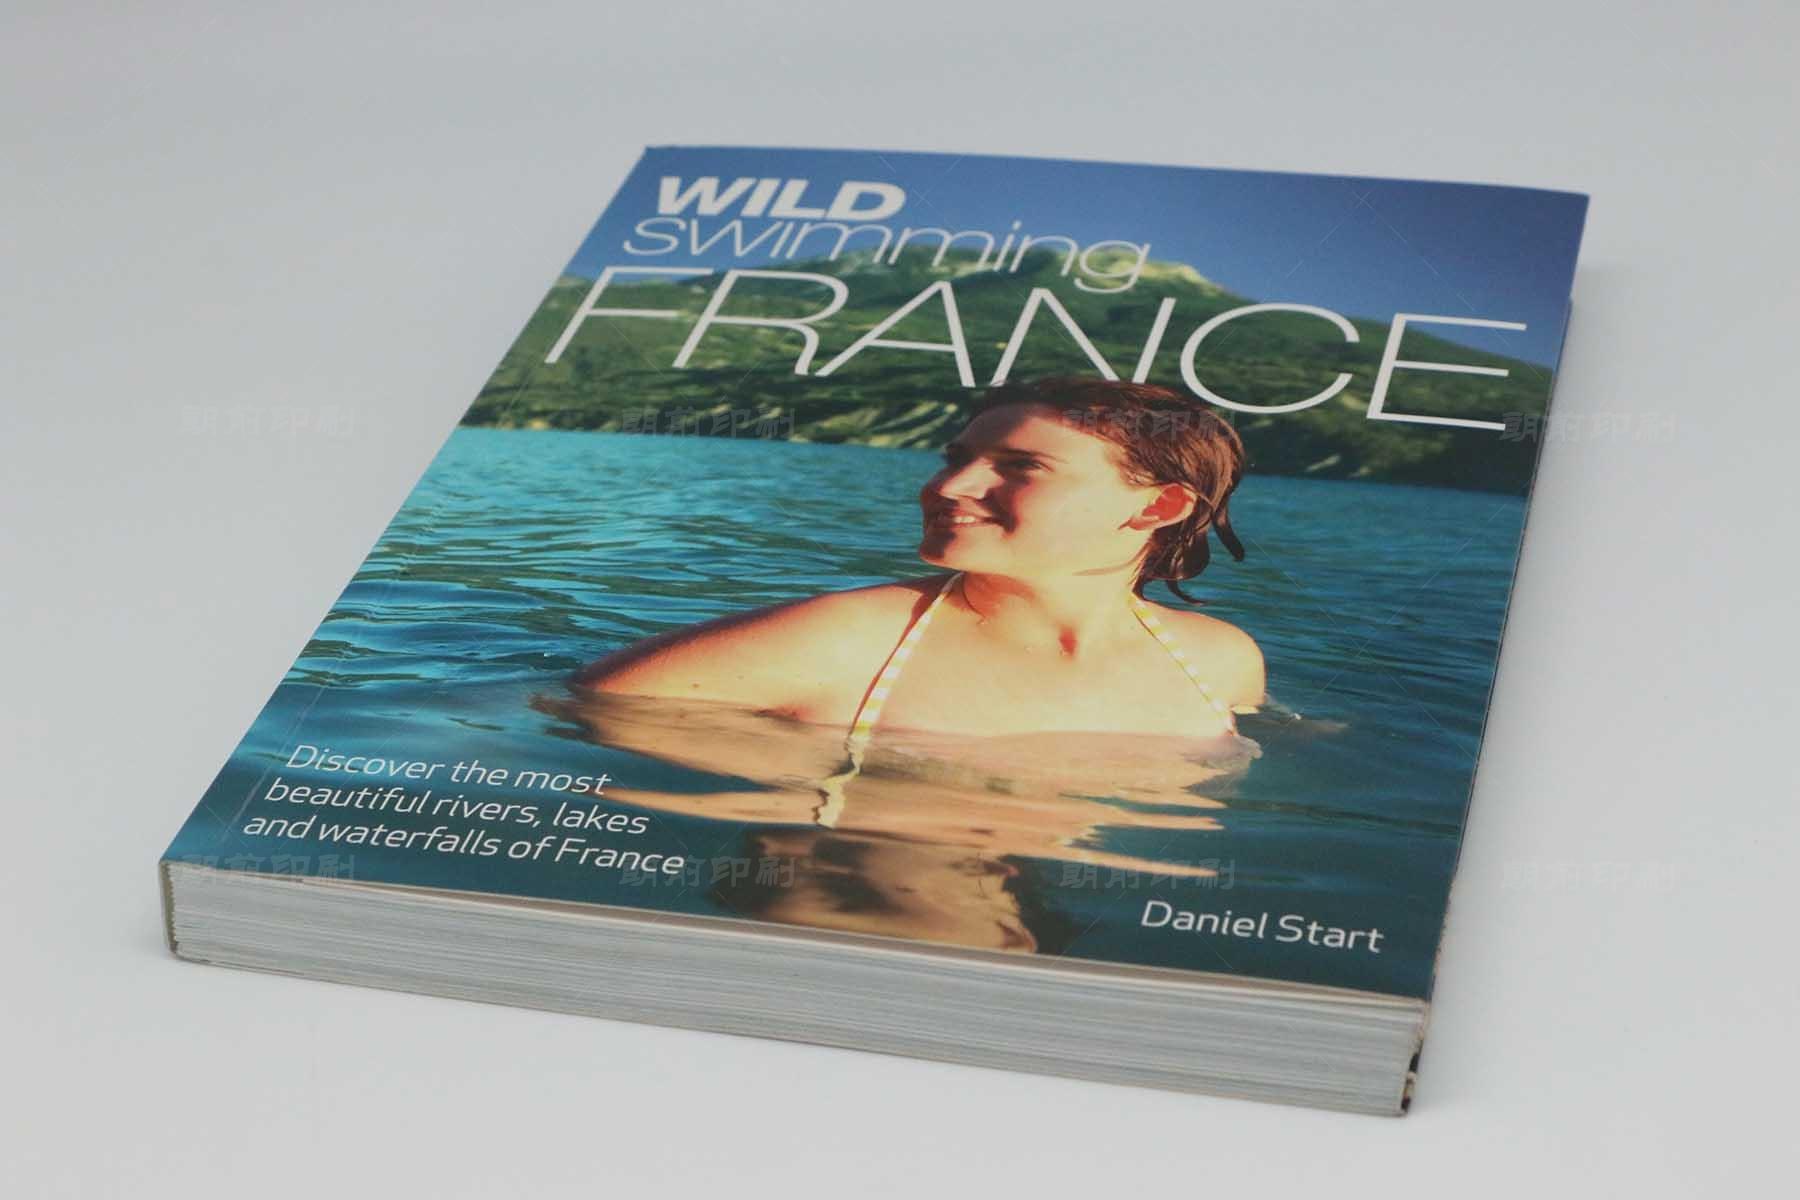 广州印刷厂做画册价格 广州高端画册设计制作